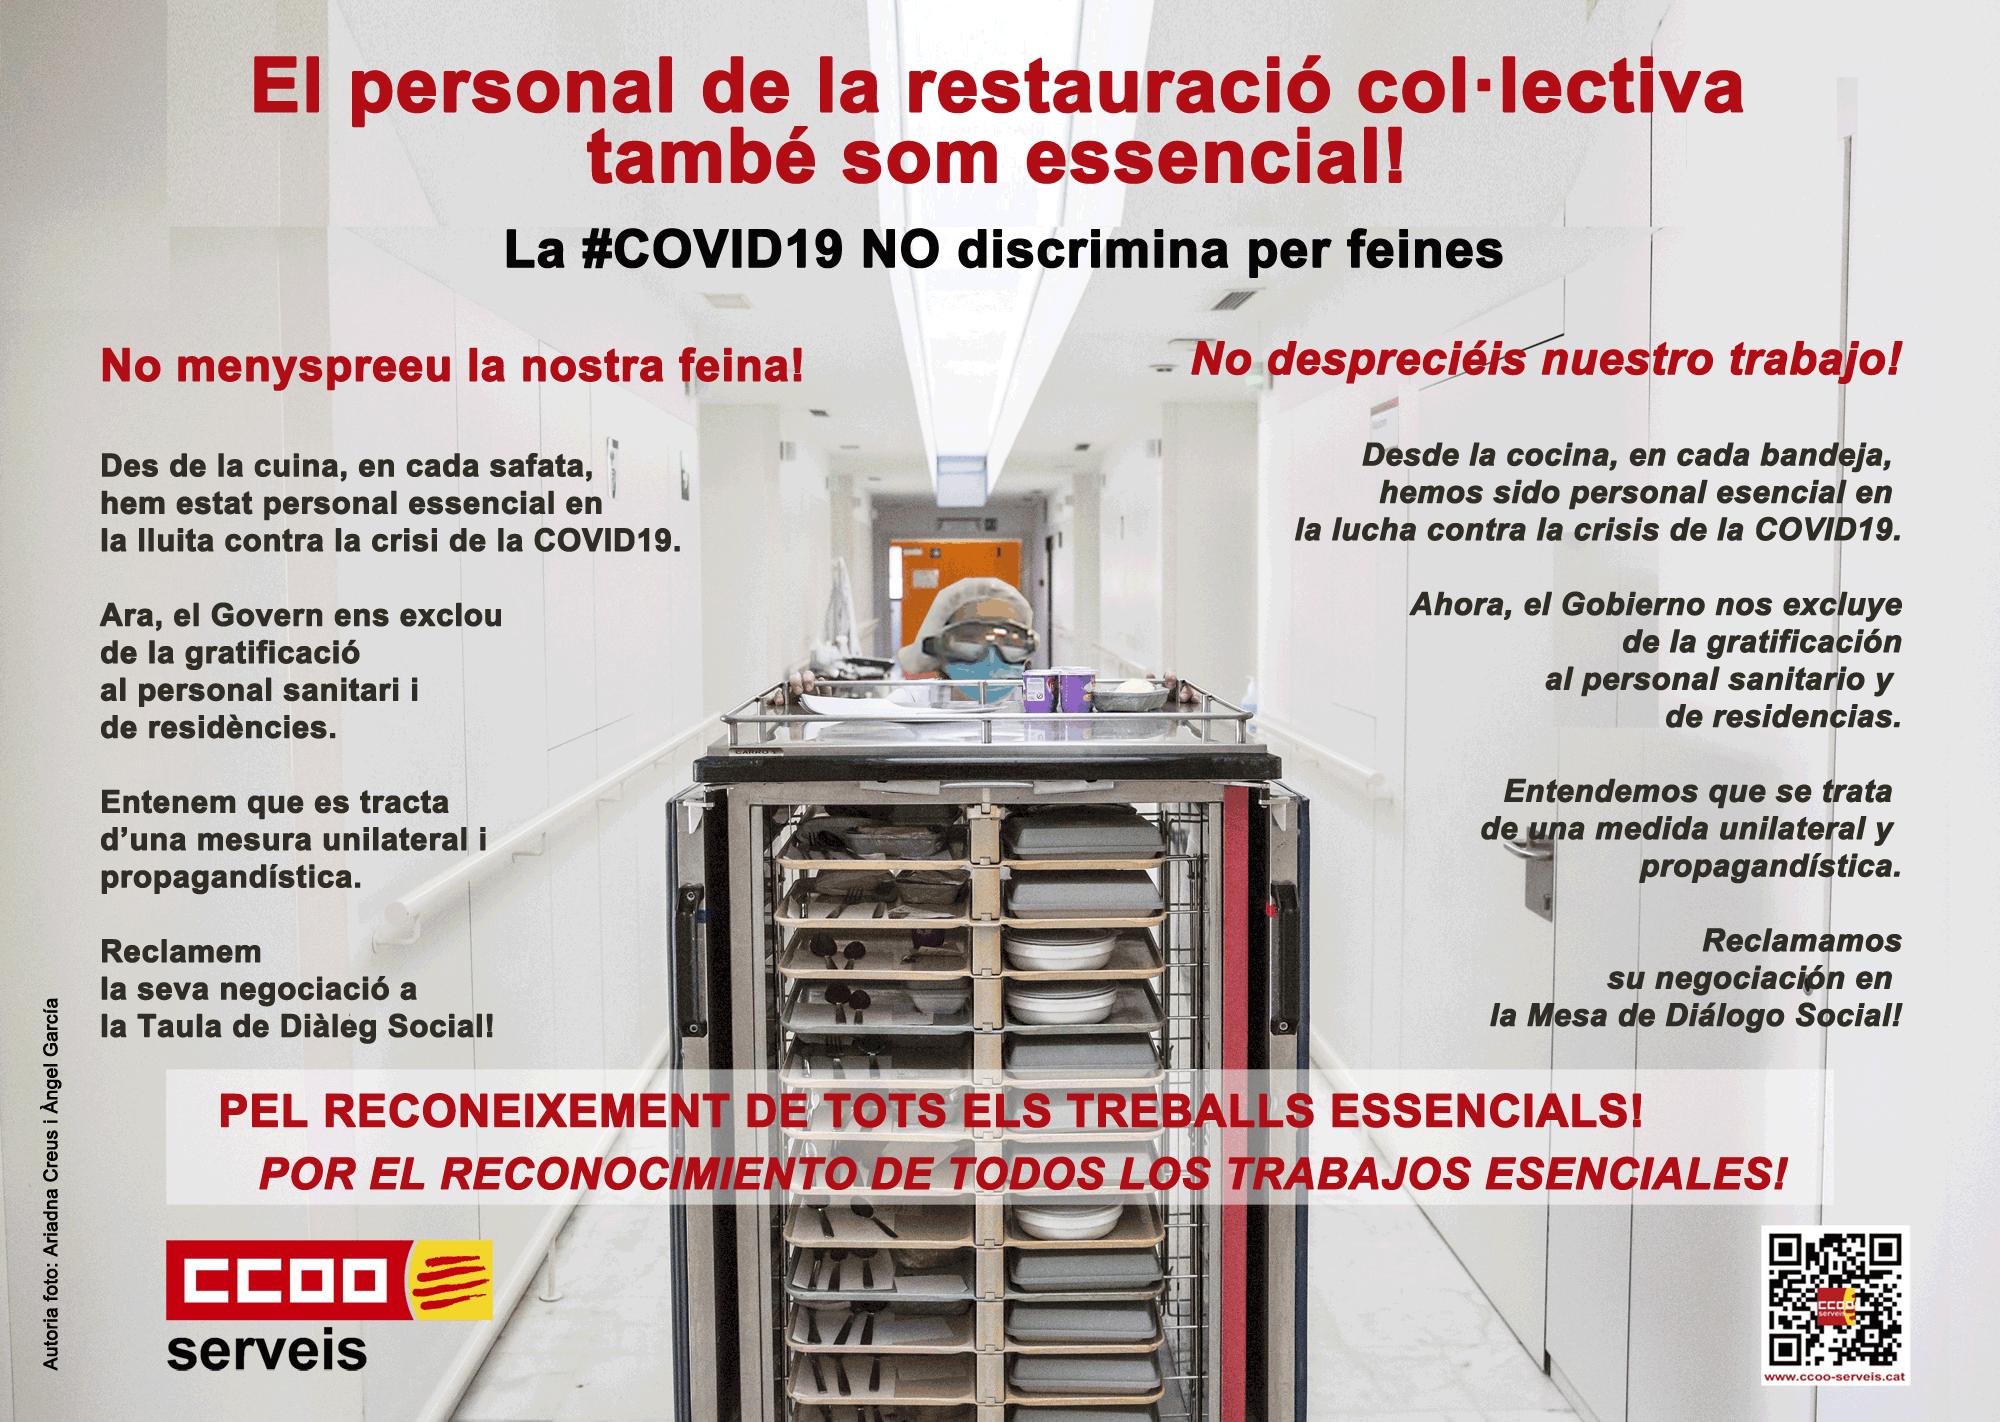 Gratificació extraordinaria COVID19 Col·lectivitats Restauració col·lectiva